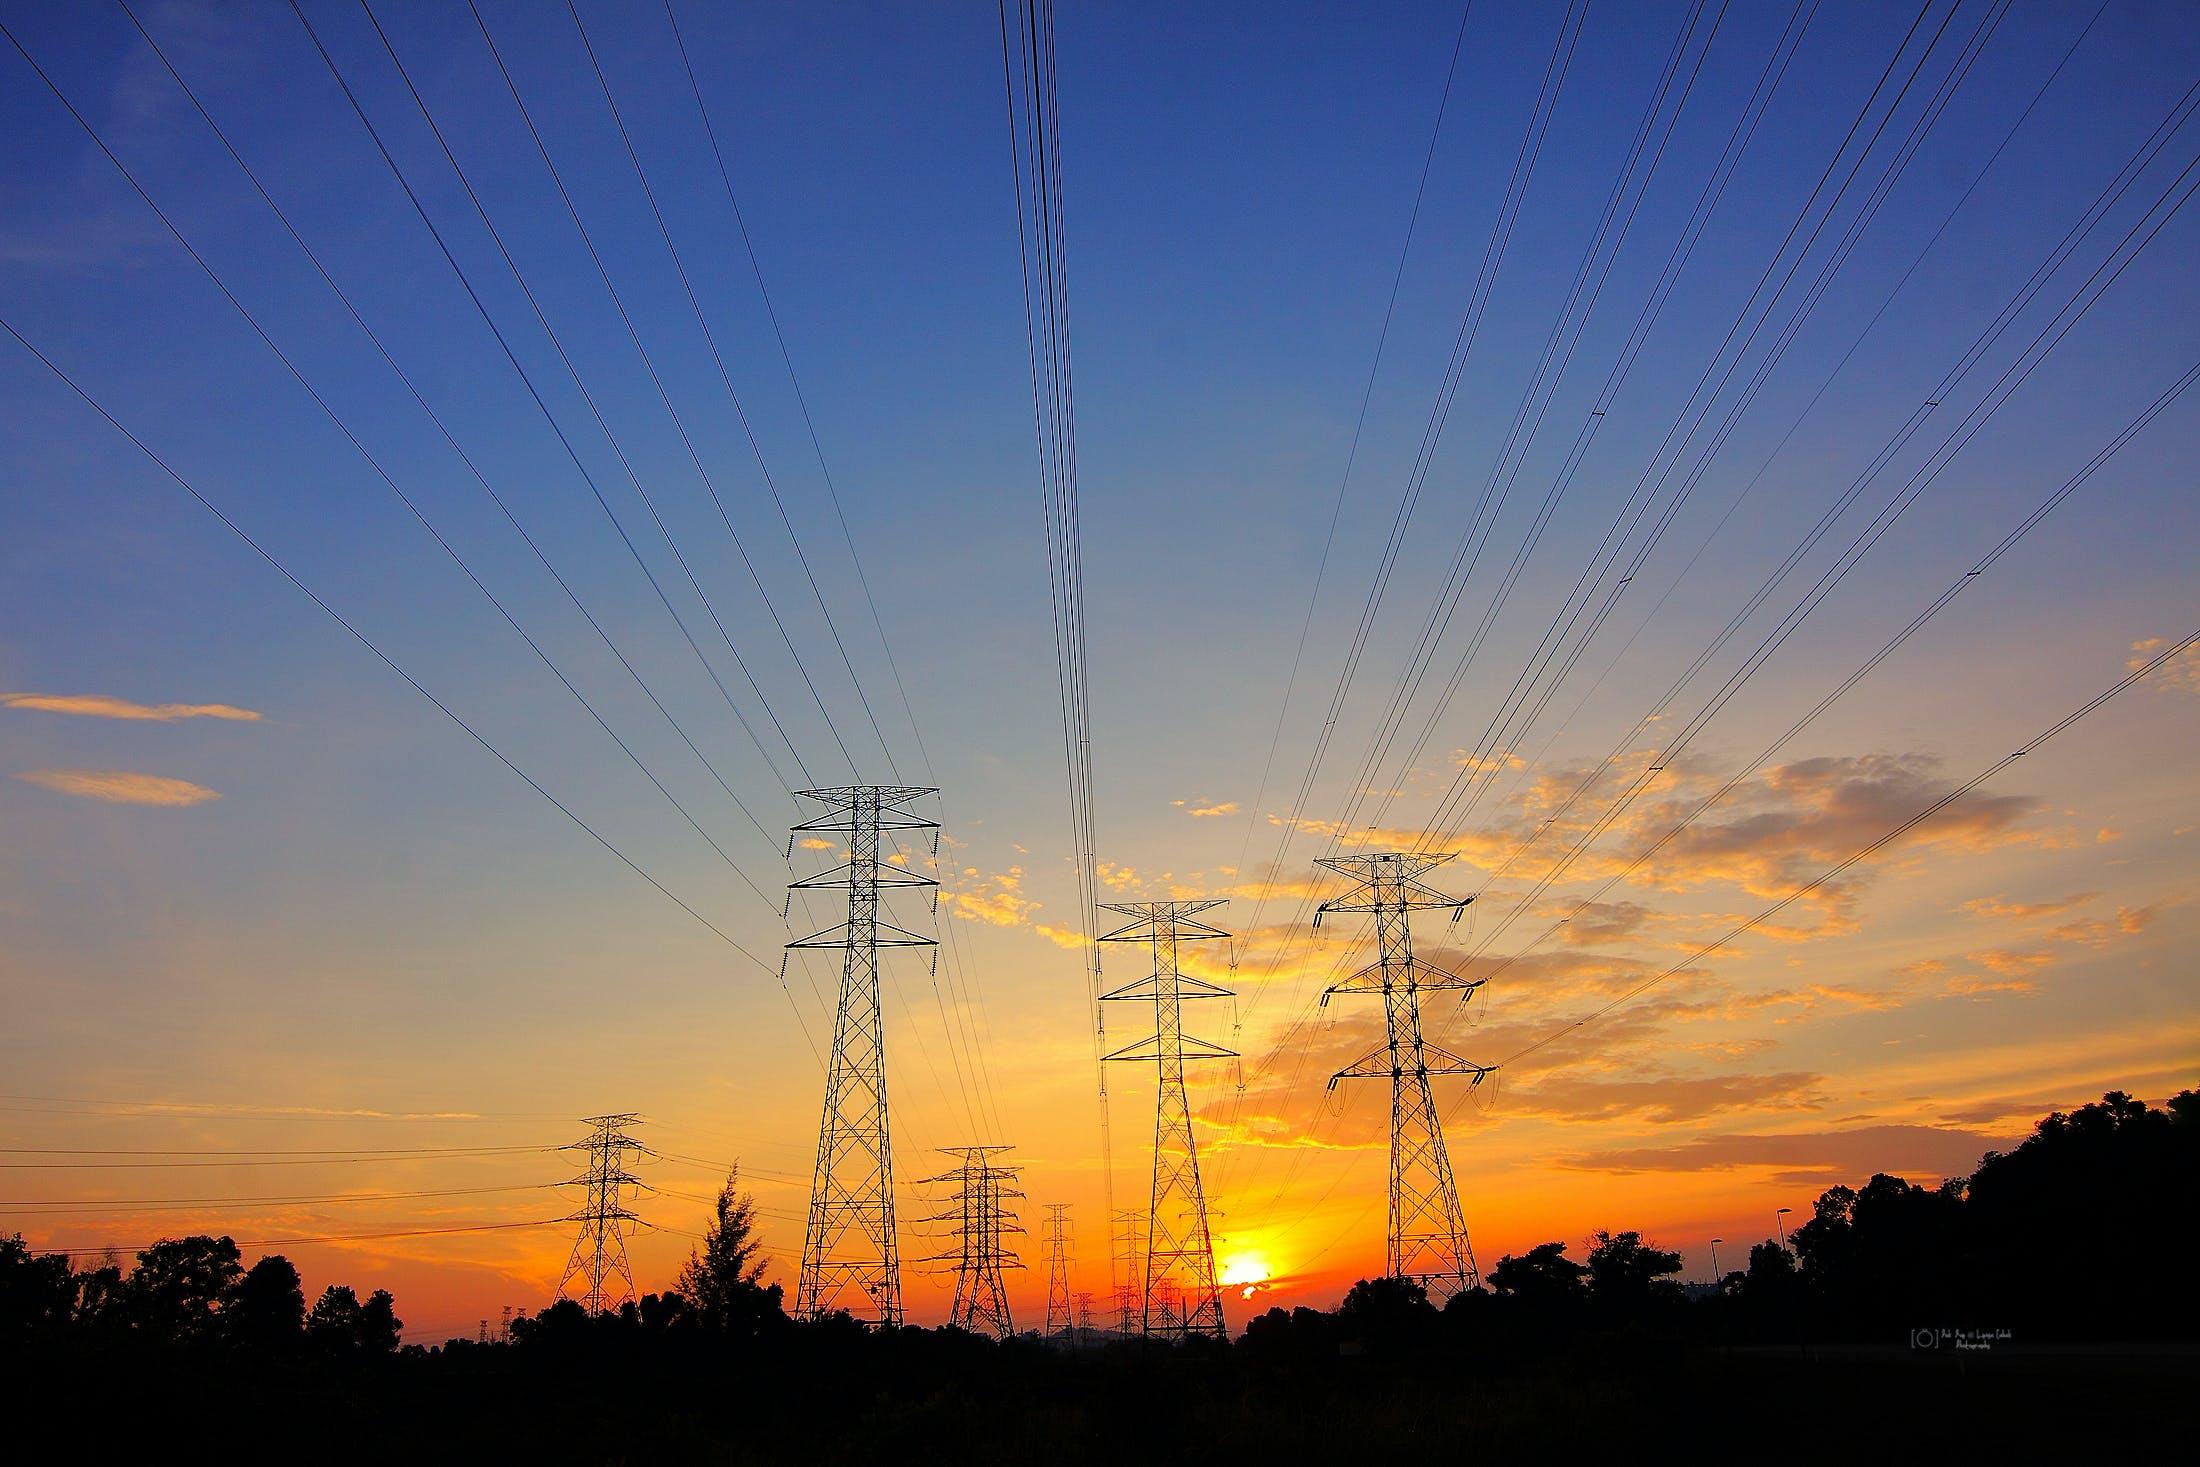 Darmowe zdjęcie z galerii z linie energetyczne, świt, transmisje mocy, wschód słońca